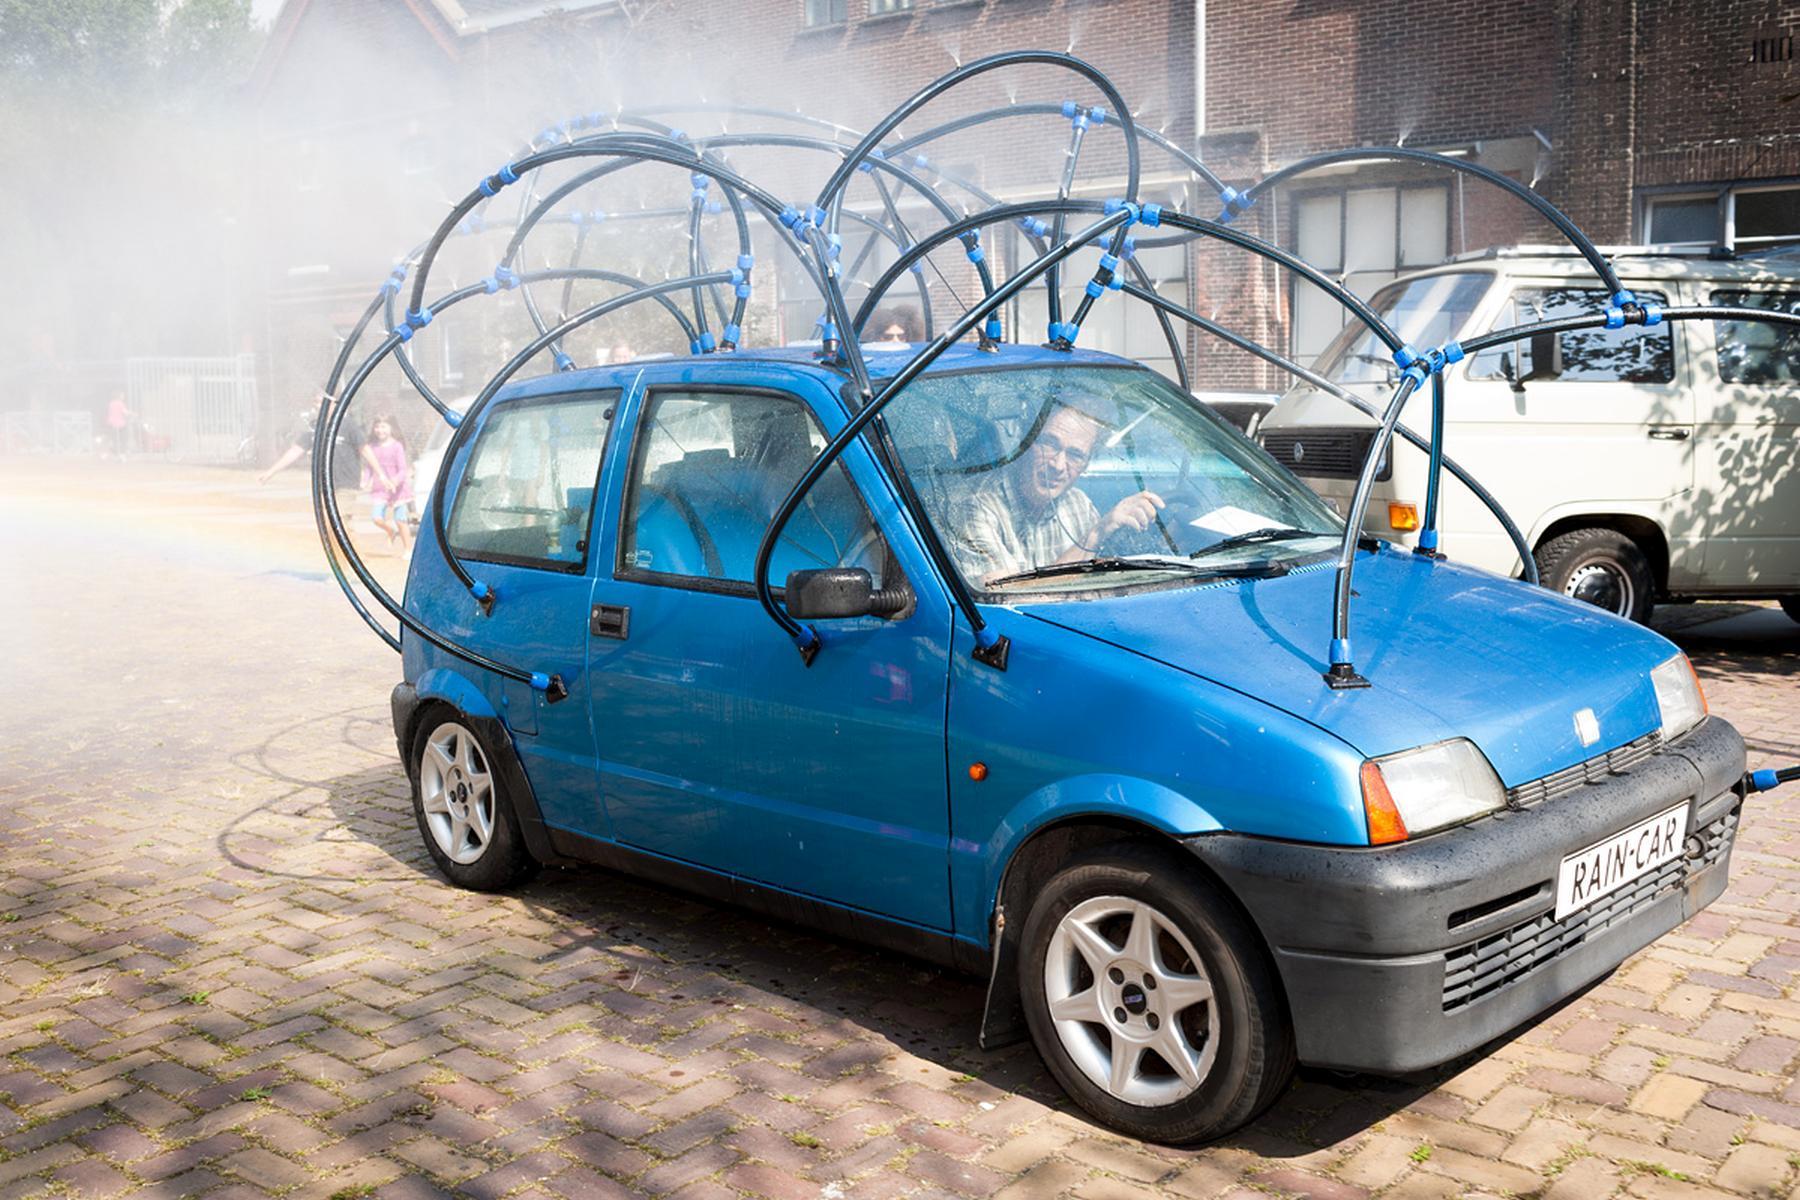 De Raincar van Olaf Mooij brengt verkoeling op een warme CAR ART dag in 2012